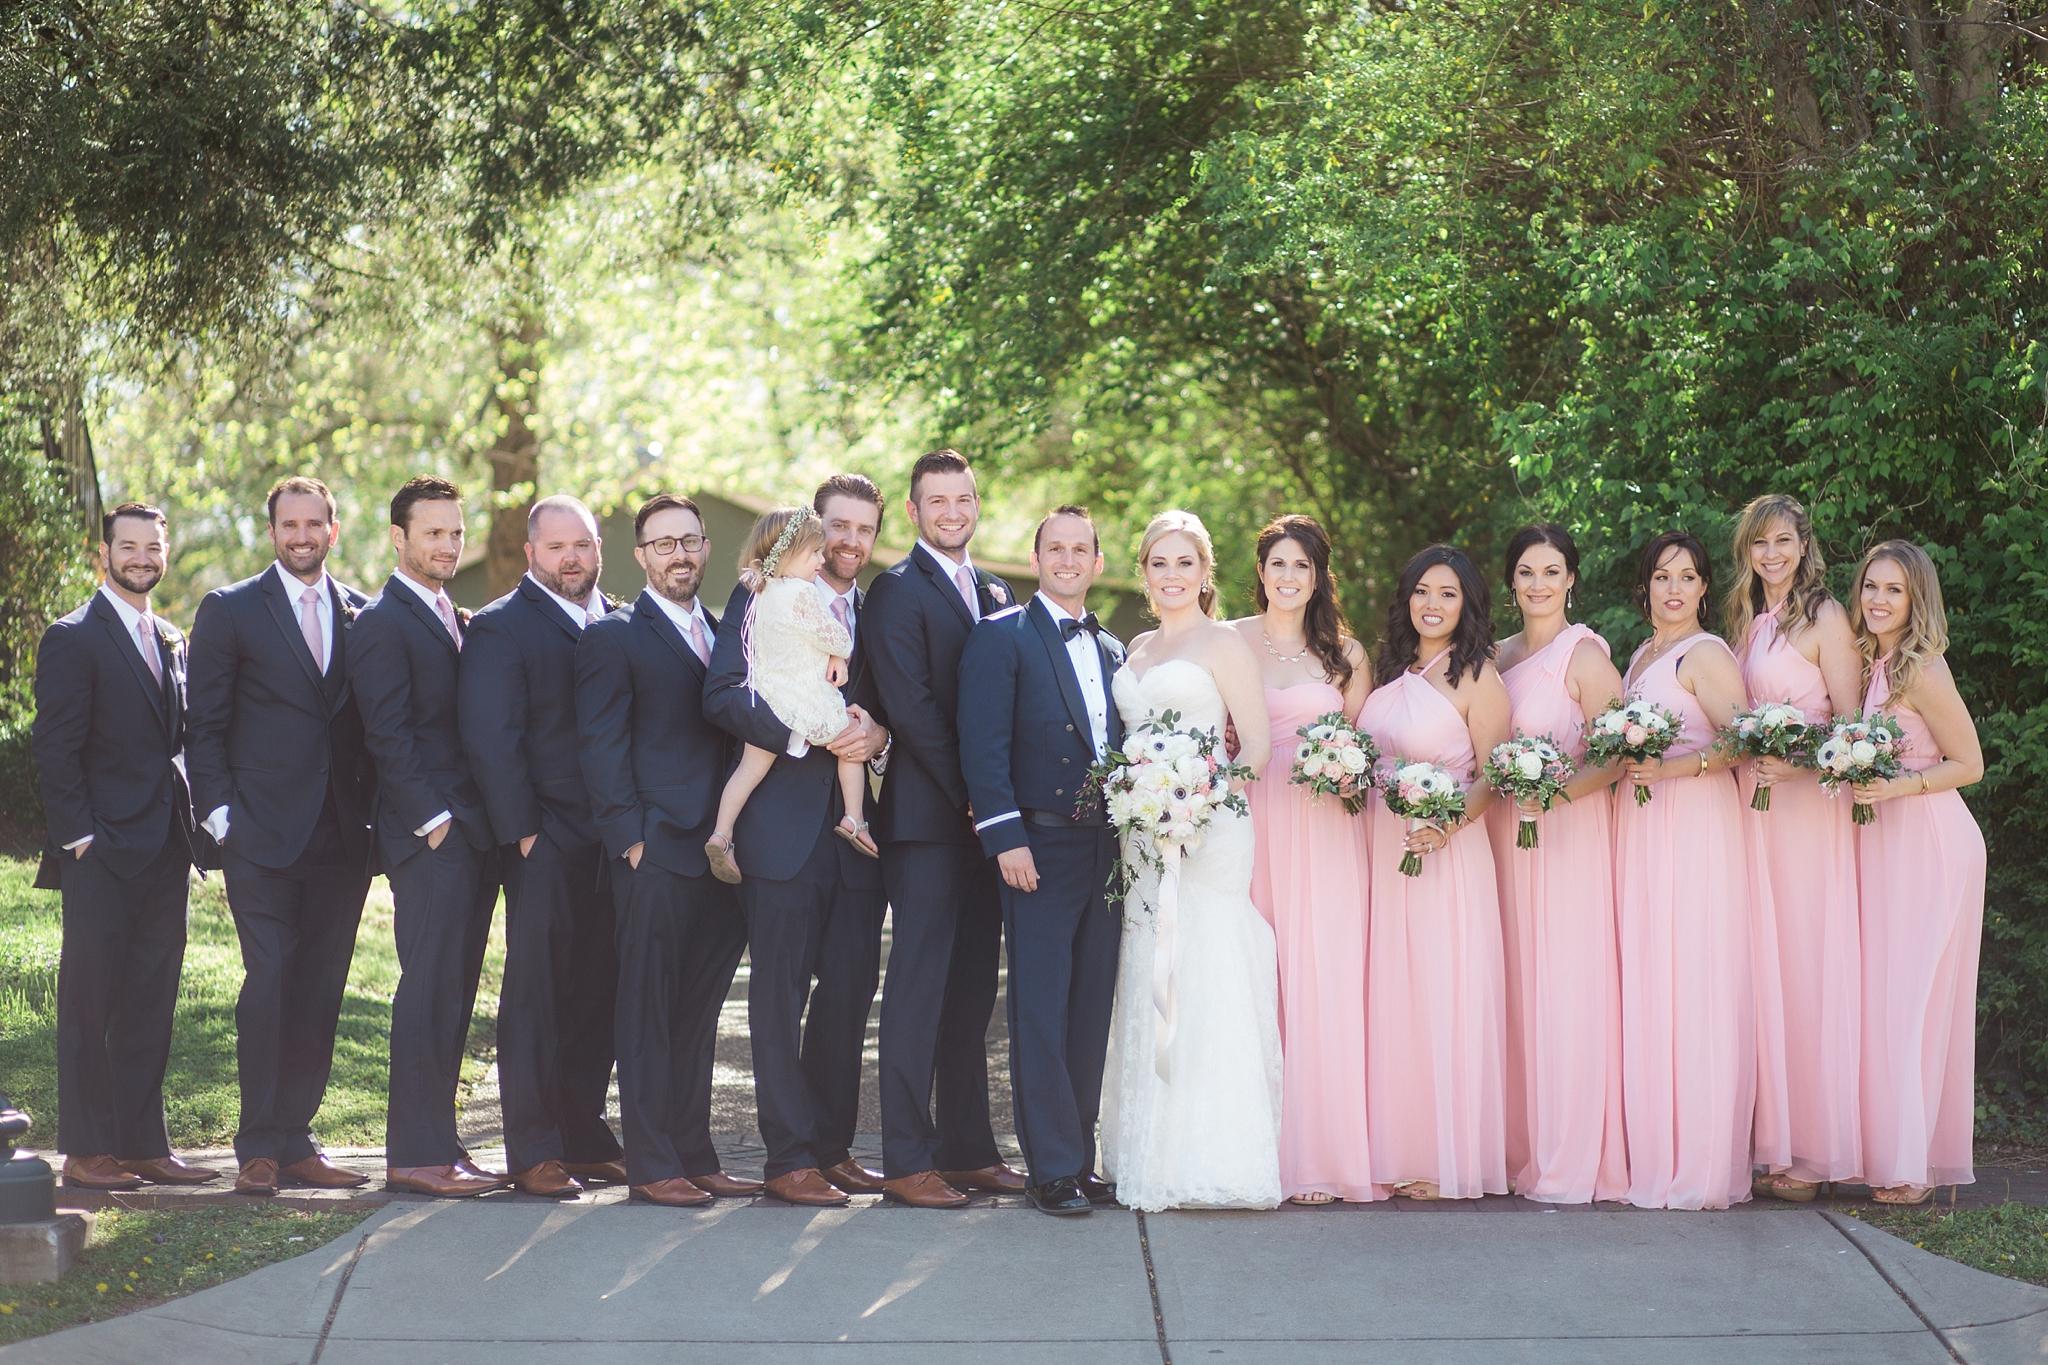 cjs-off-square-nashville-wedding.jpg